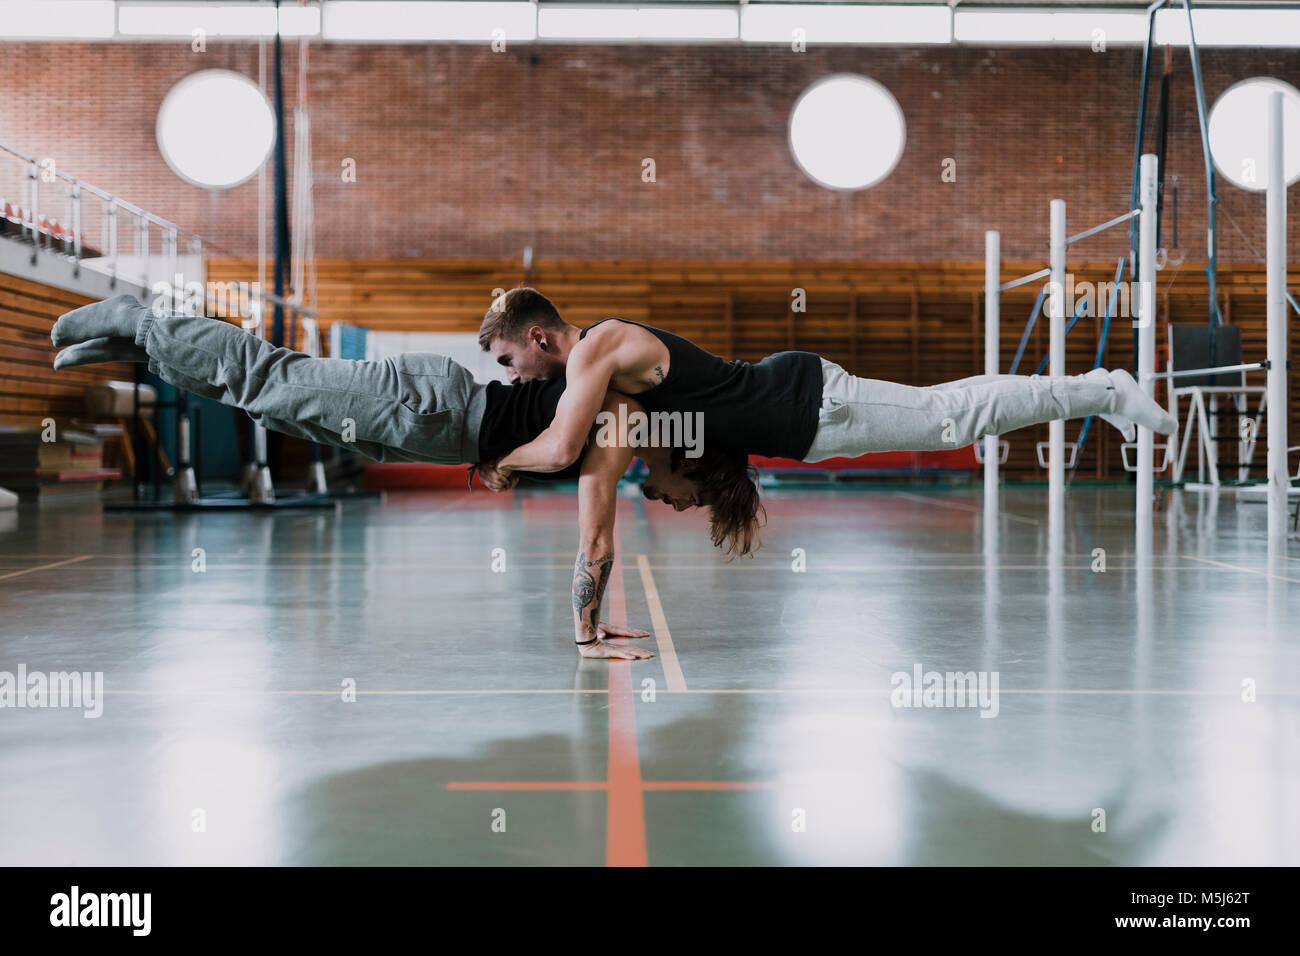 Dos hombres haciendo acrobacias en el gimnasio Foto de stock